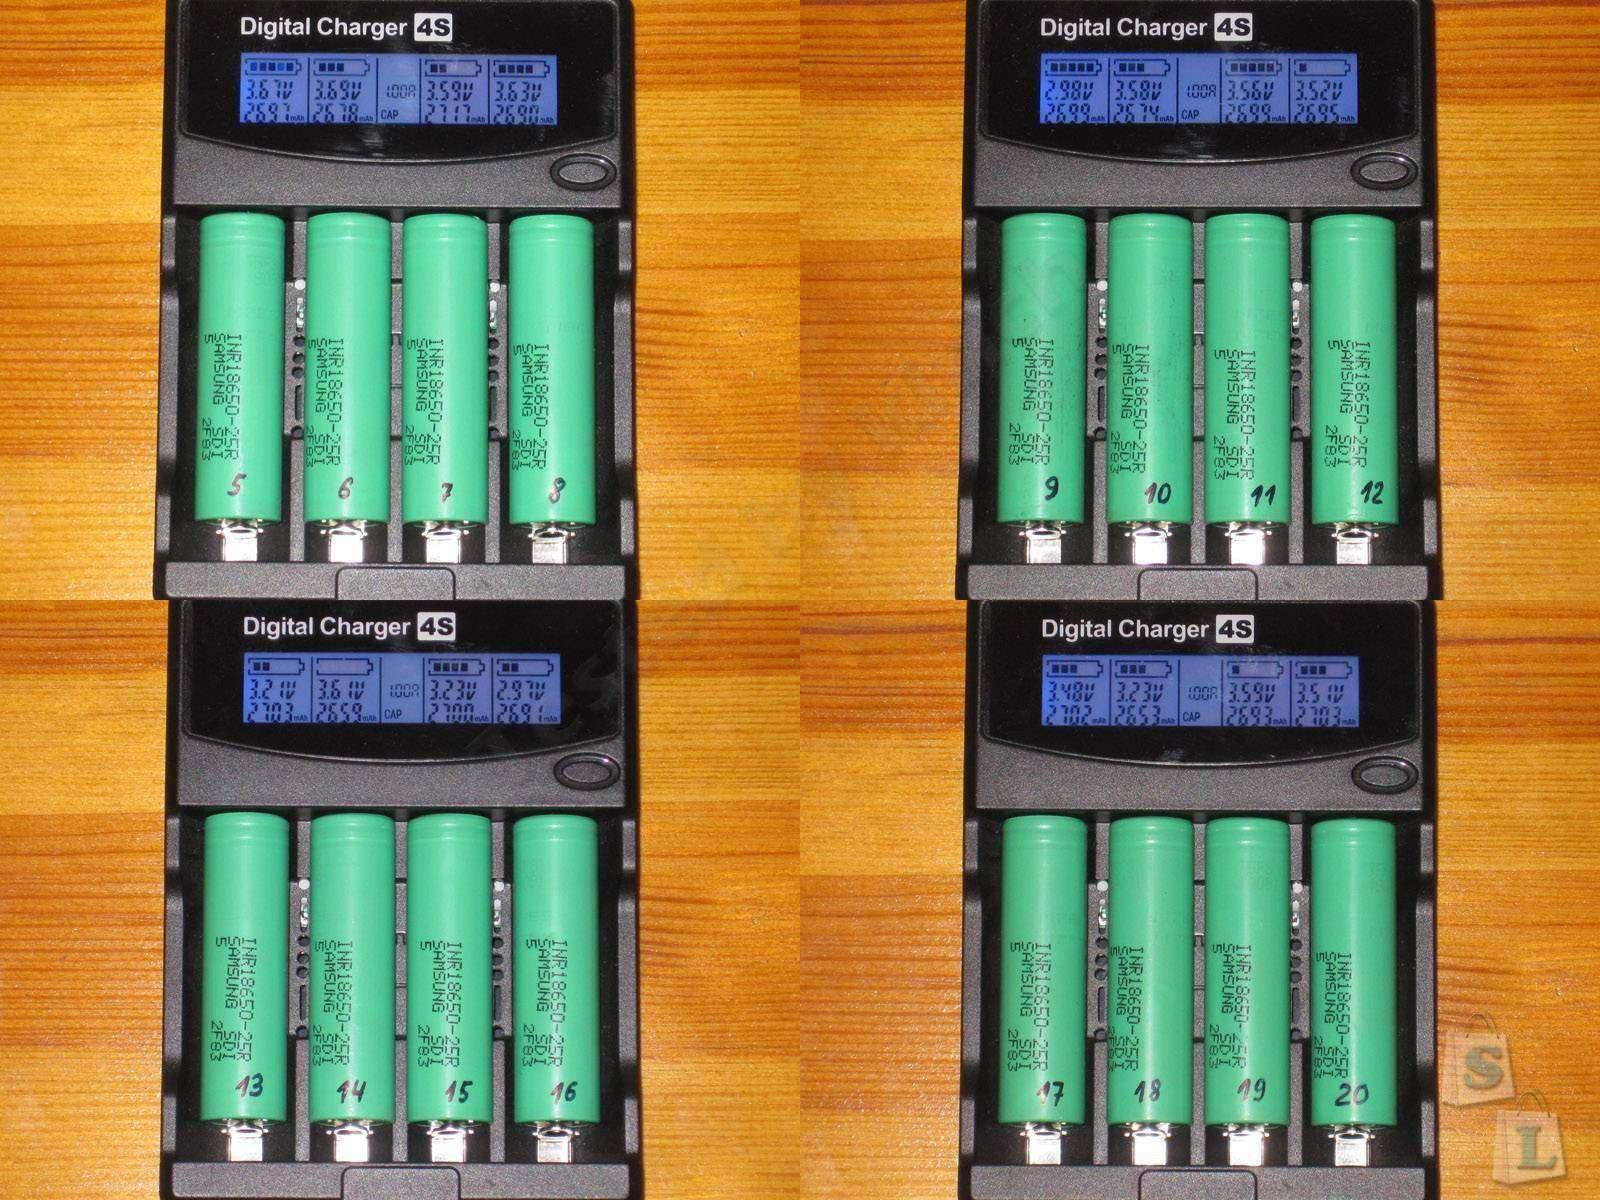 GearBest: INR18650 - 25R тест и небольшая история одного заказа